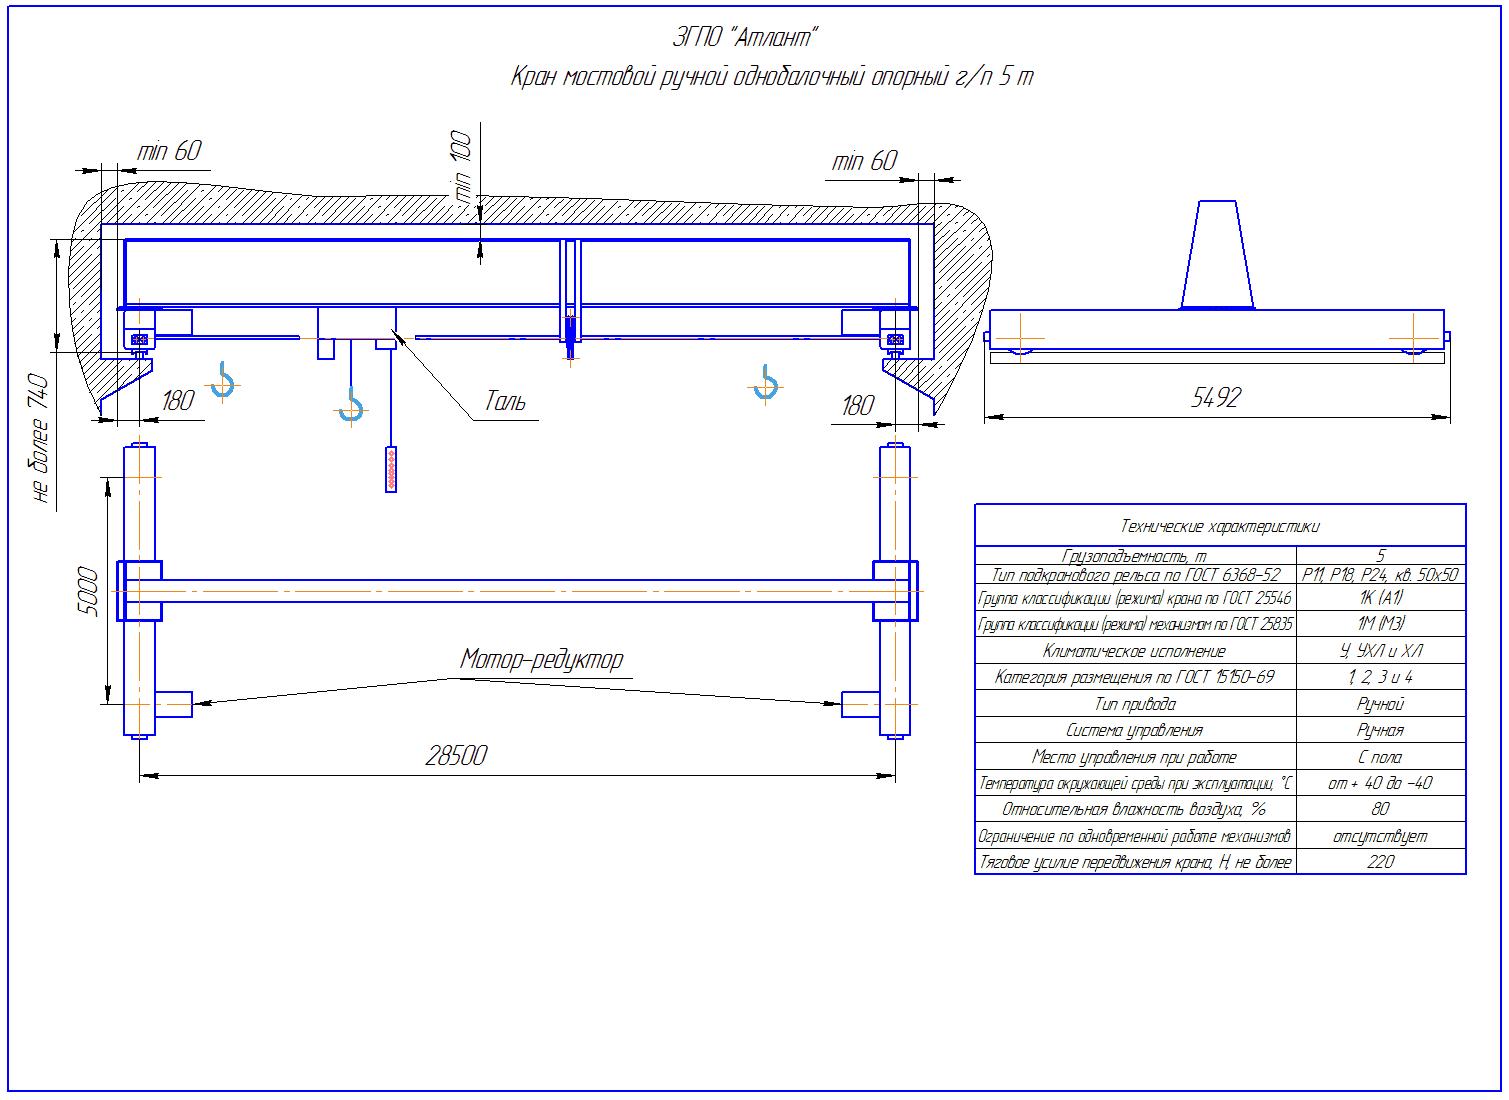 KRMOO 5 285 - Кран ручной мостовой опорный однобалочный